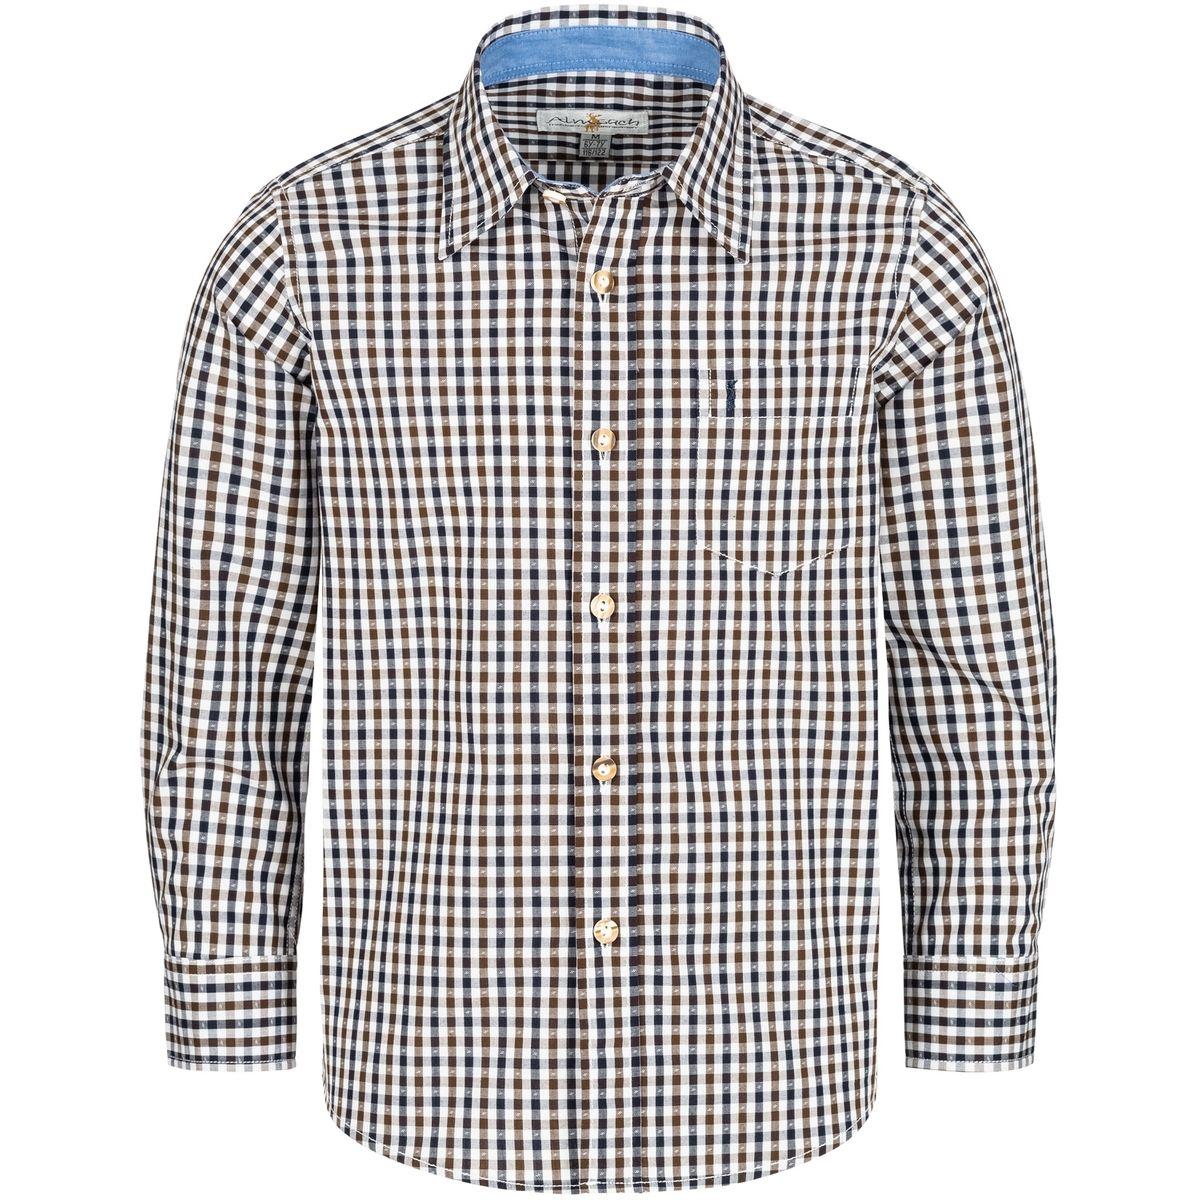 Trachtenhemd für Kinder zweifarbig in Blau und Braun von Almsach günstig online kaufen